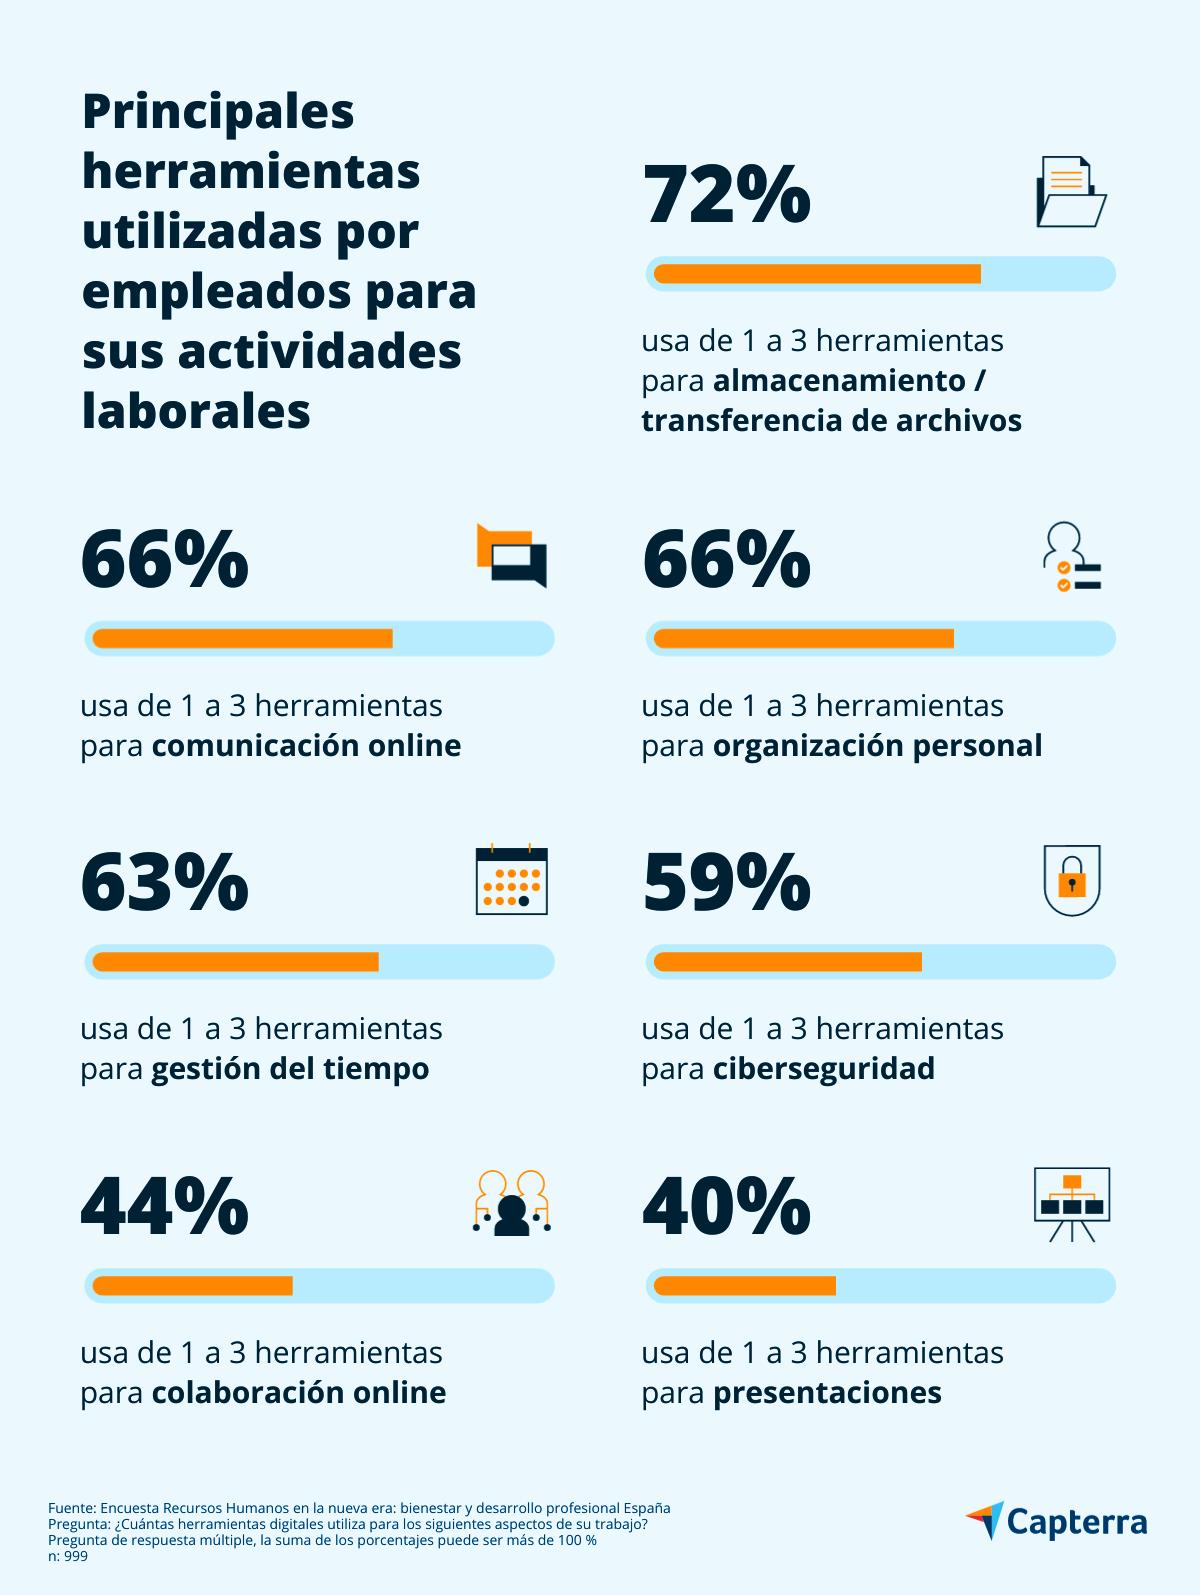 Herramientas digitales más utilizadas por empleados